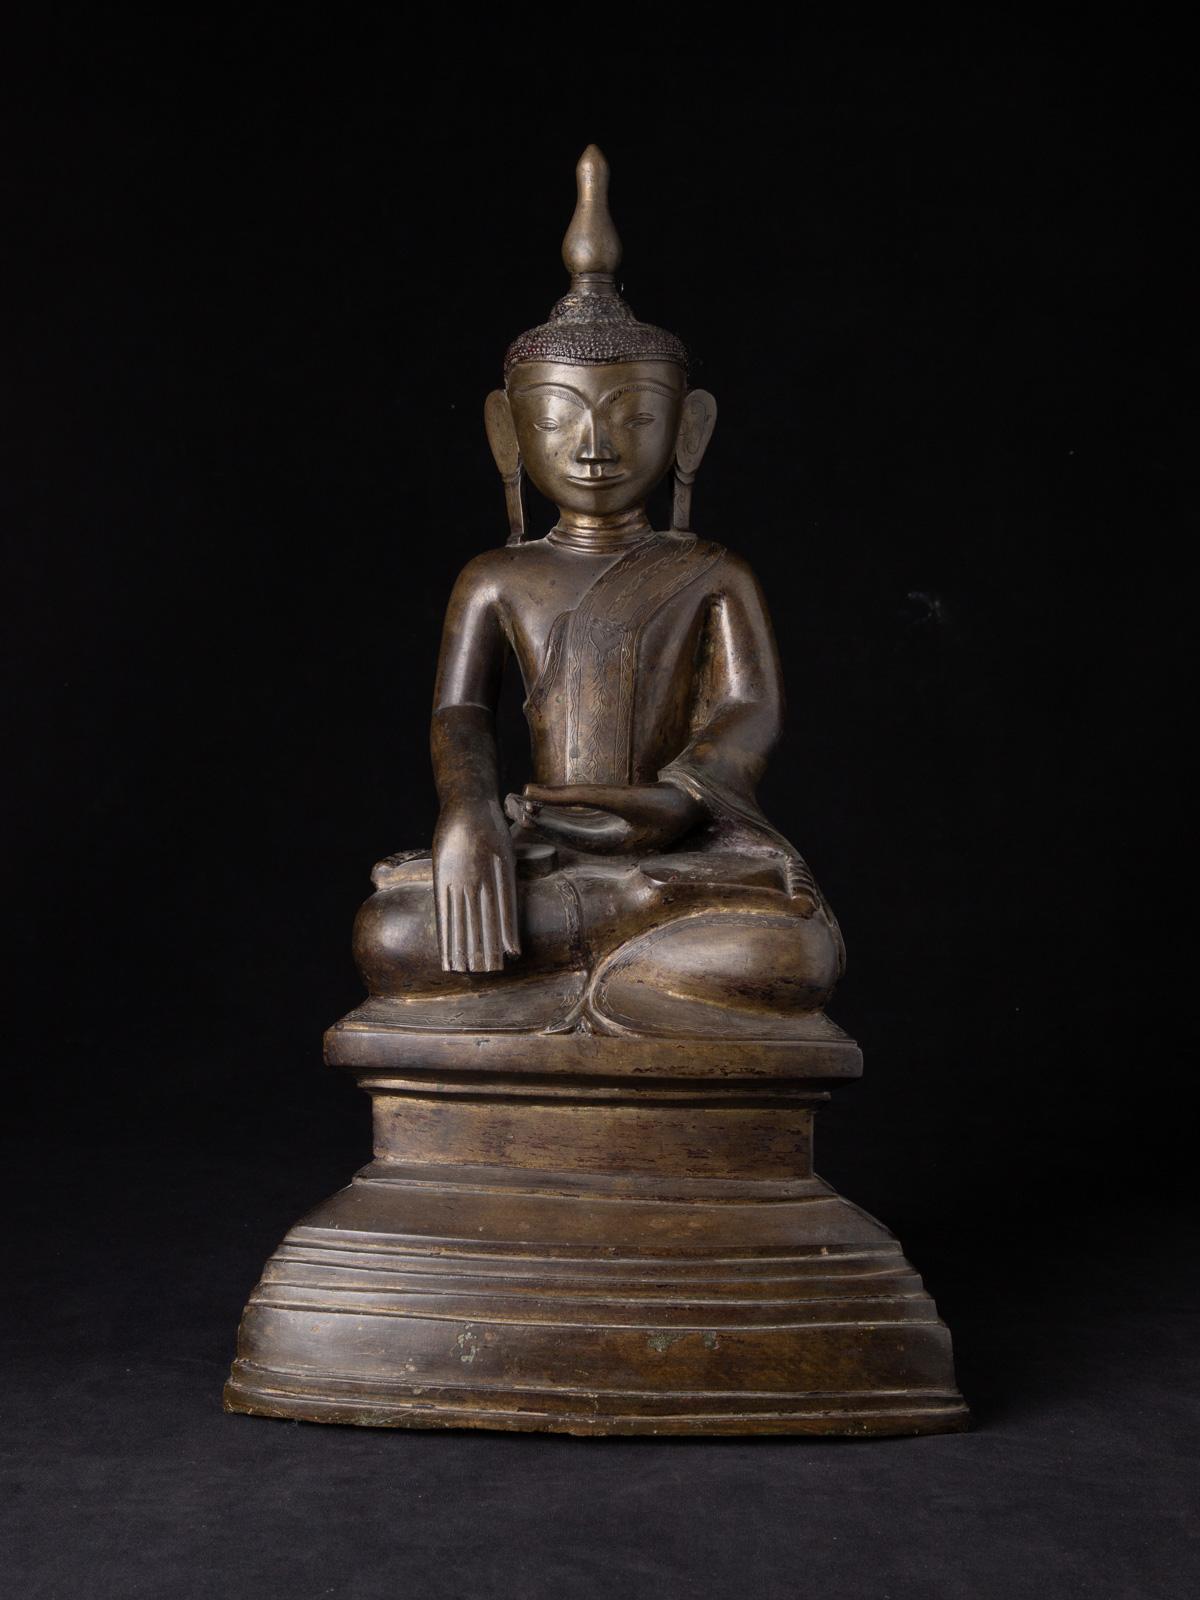 Große und besondere antike bronze Ava Buddha Figur